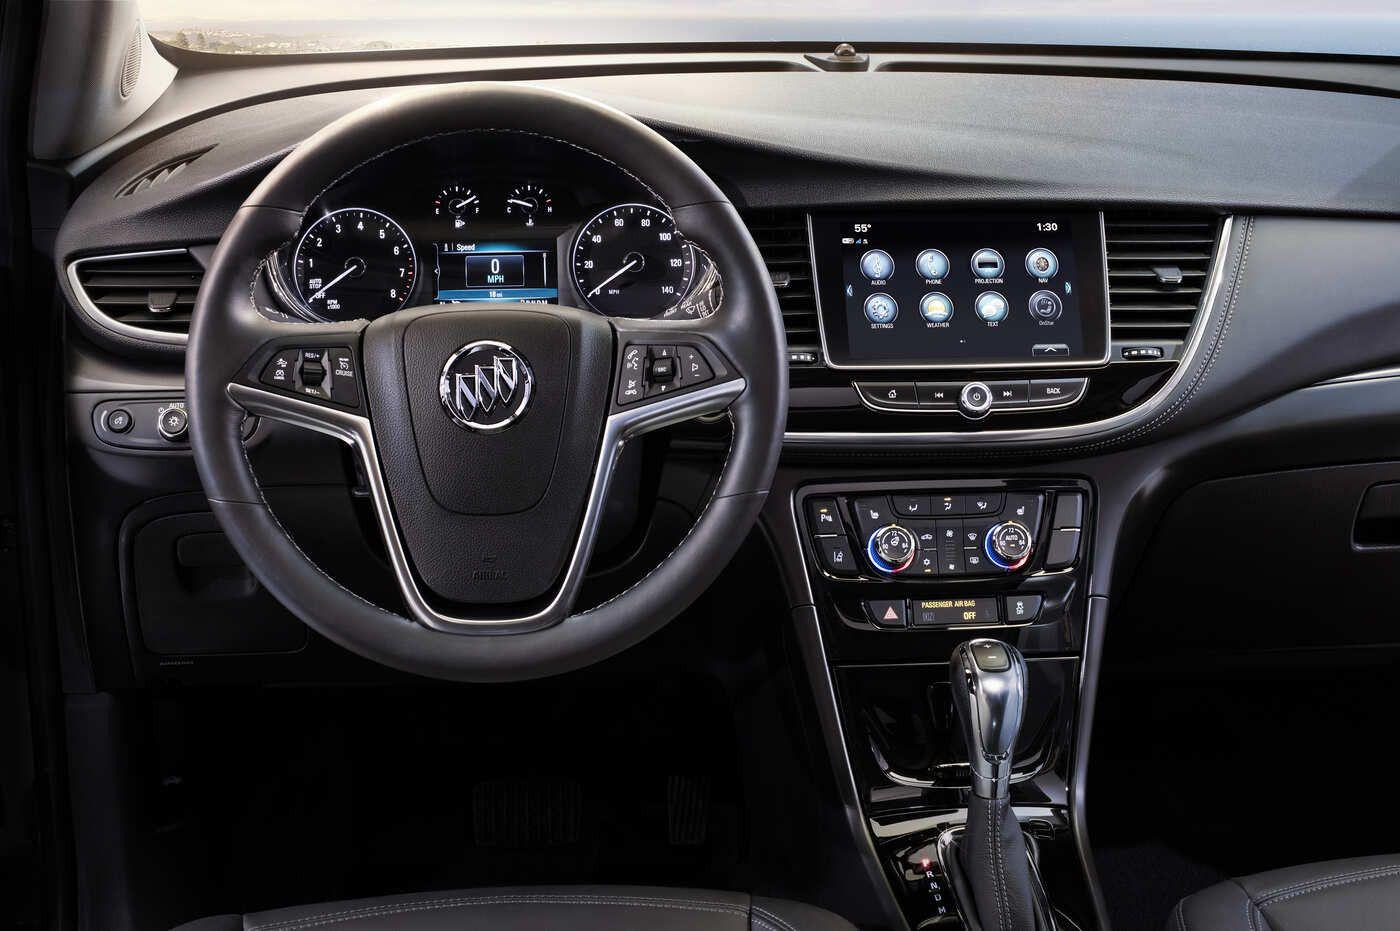 2020 Buick Encore Interior Concept Di 2020